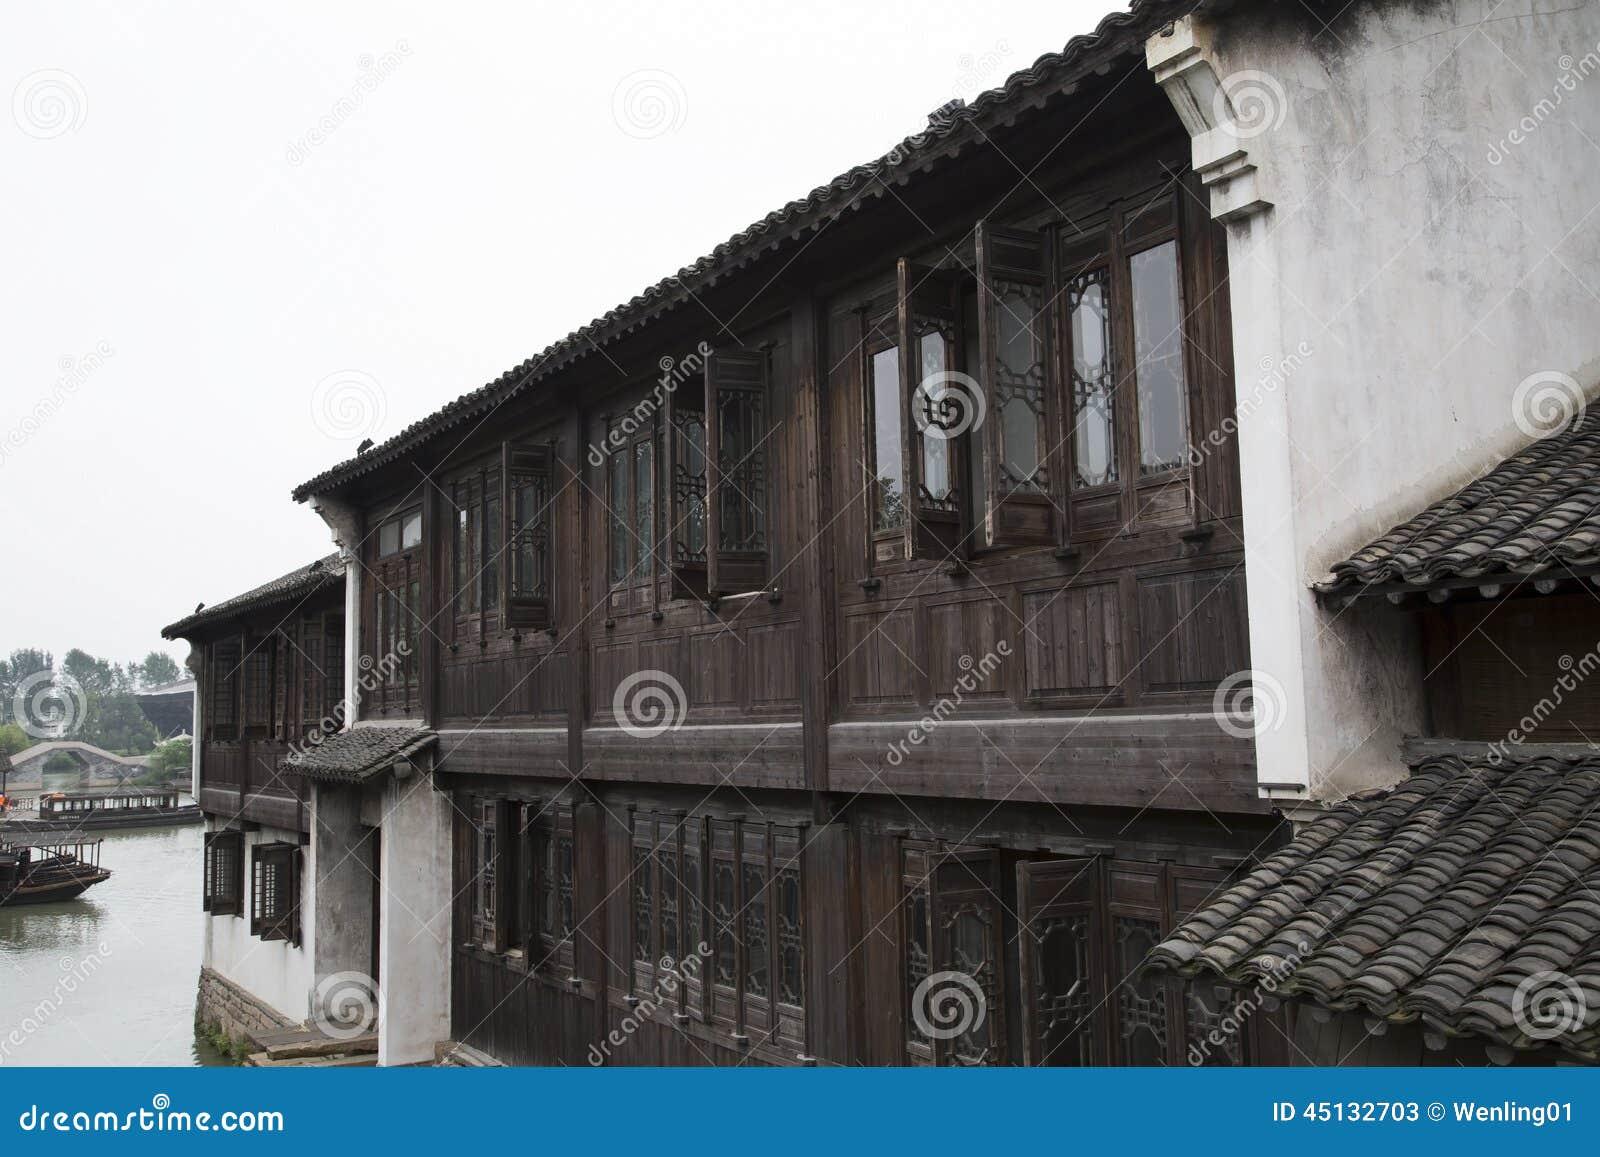 Townhouse china